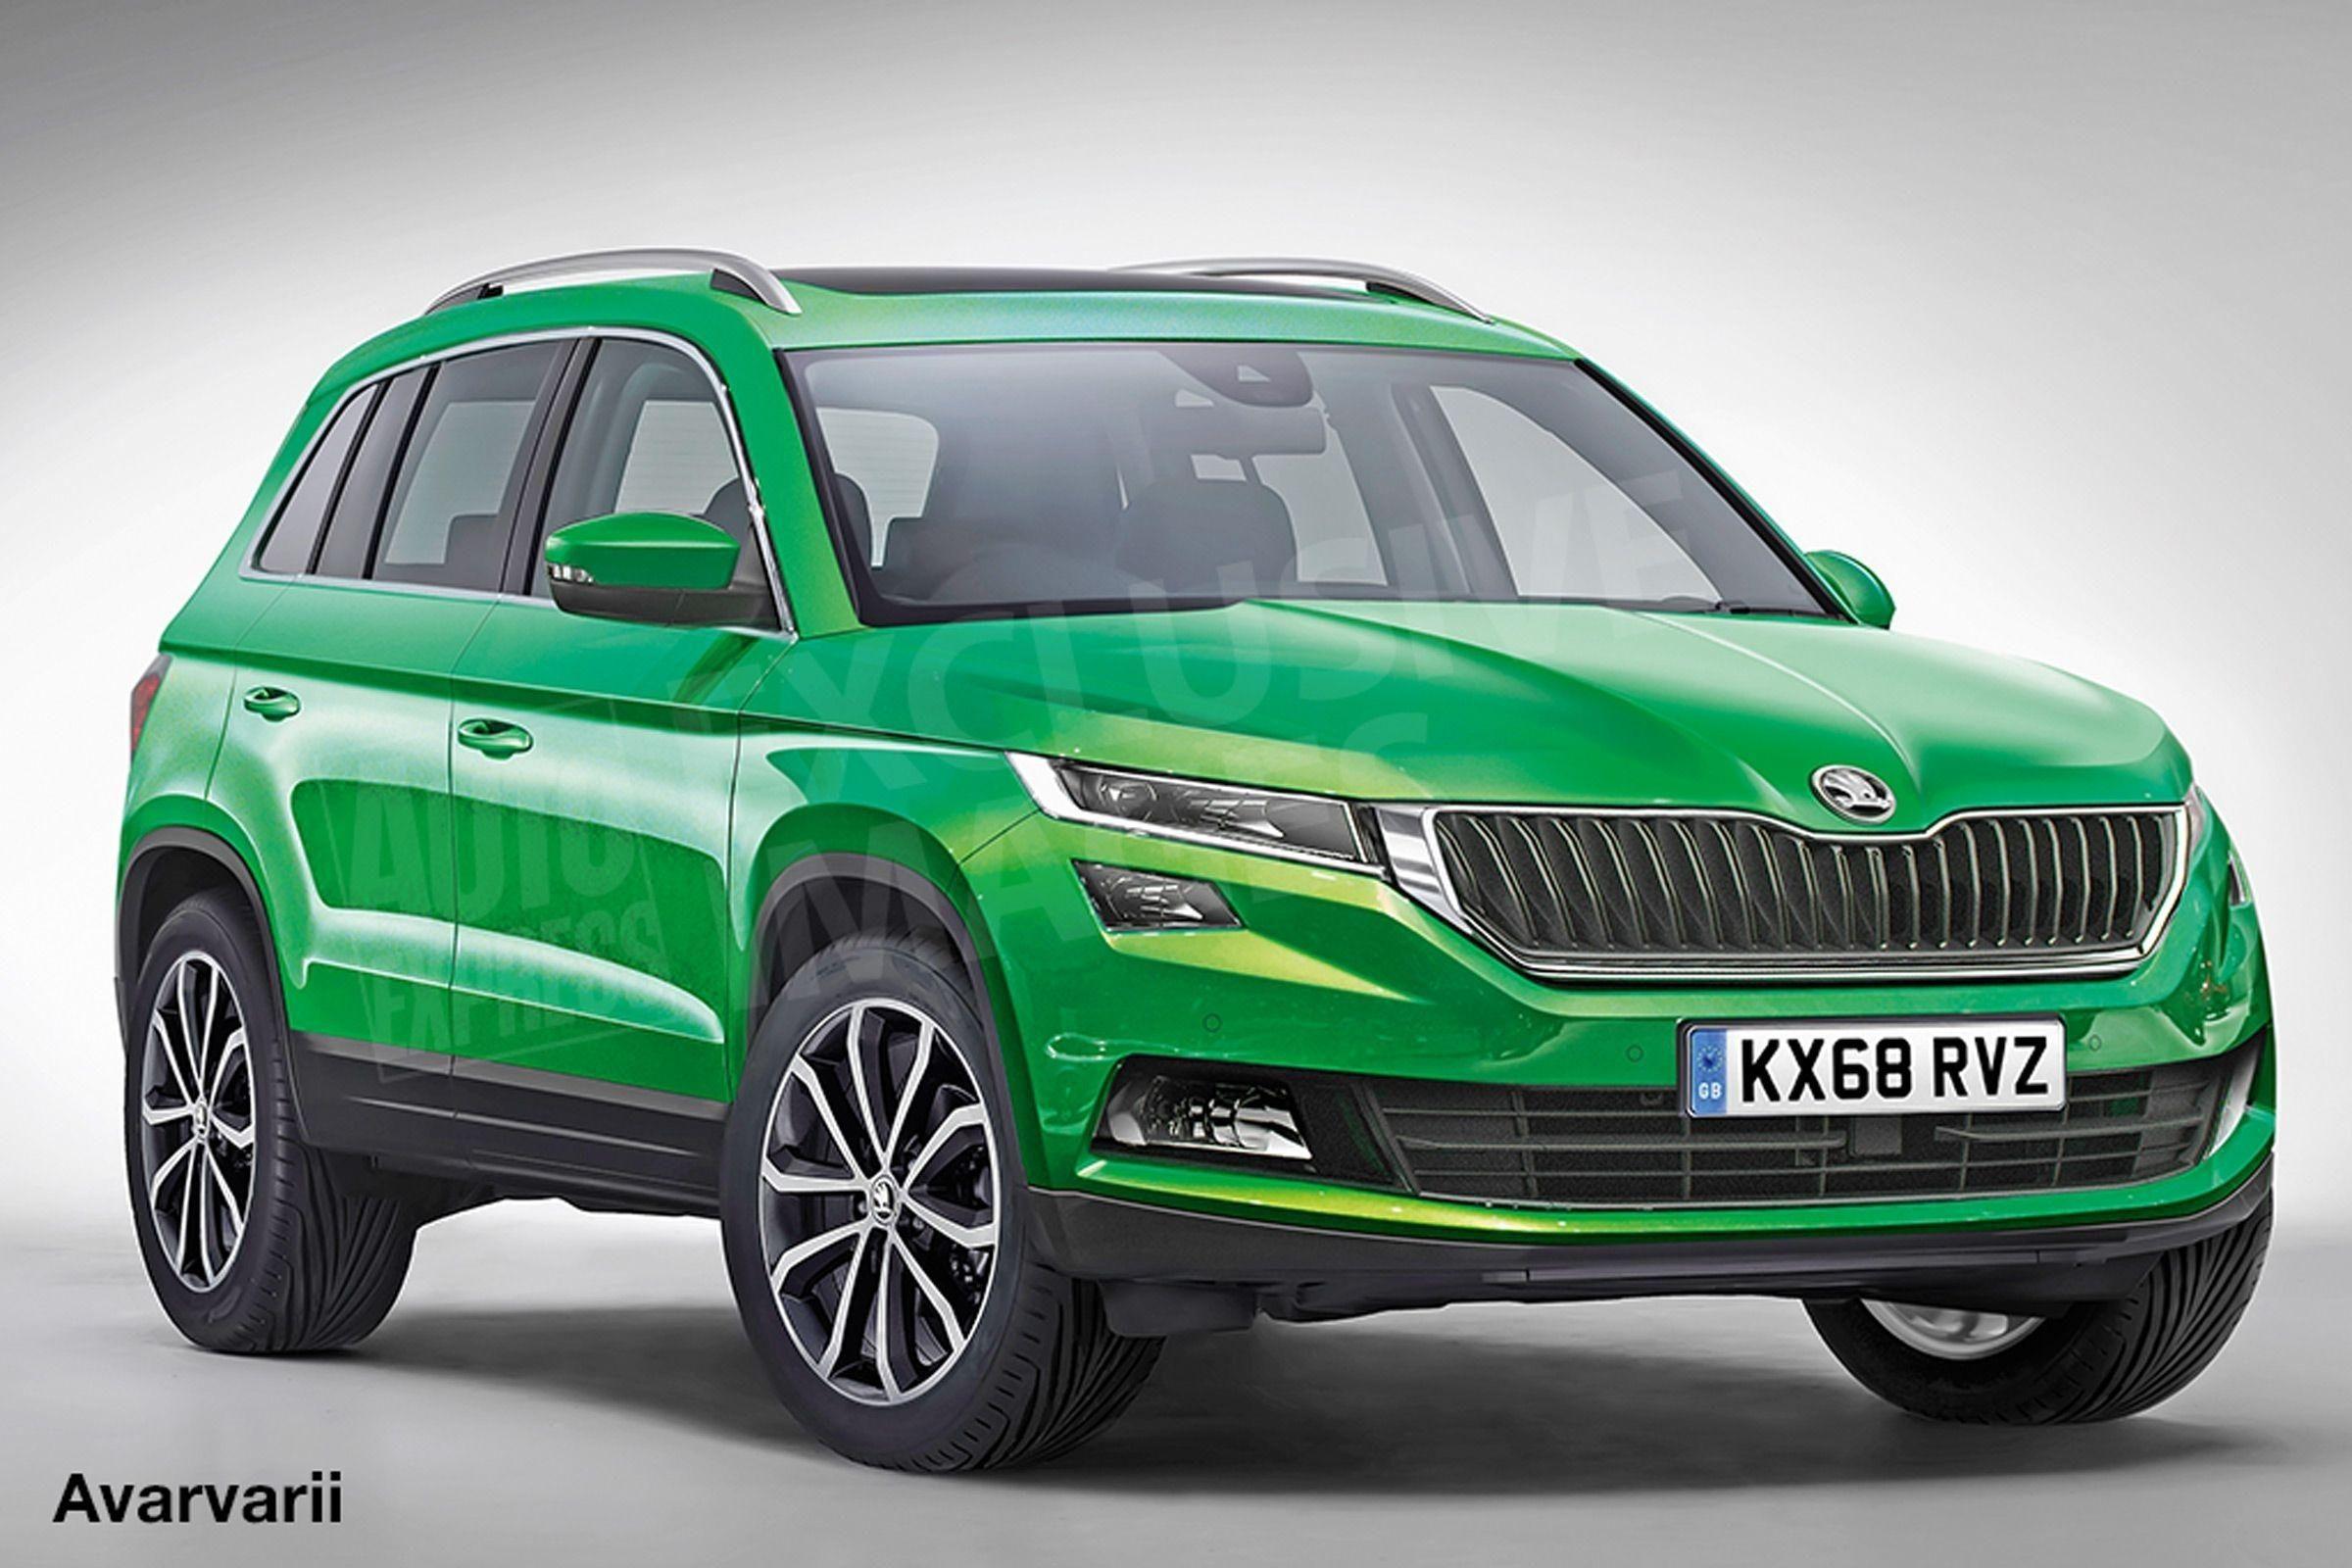 2019 skoda yeti review car 2018 with regard to 2019 skoda yeti rh pinterest com